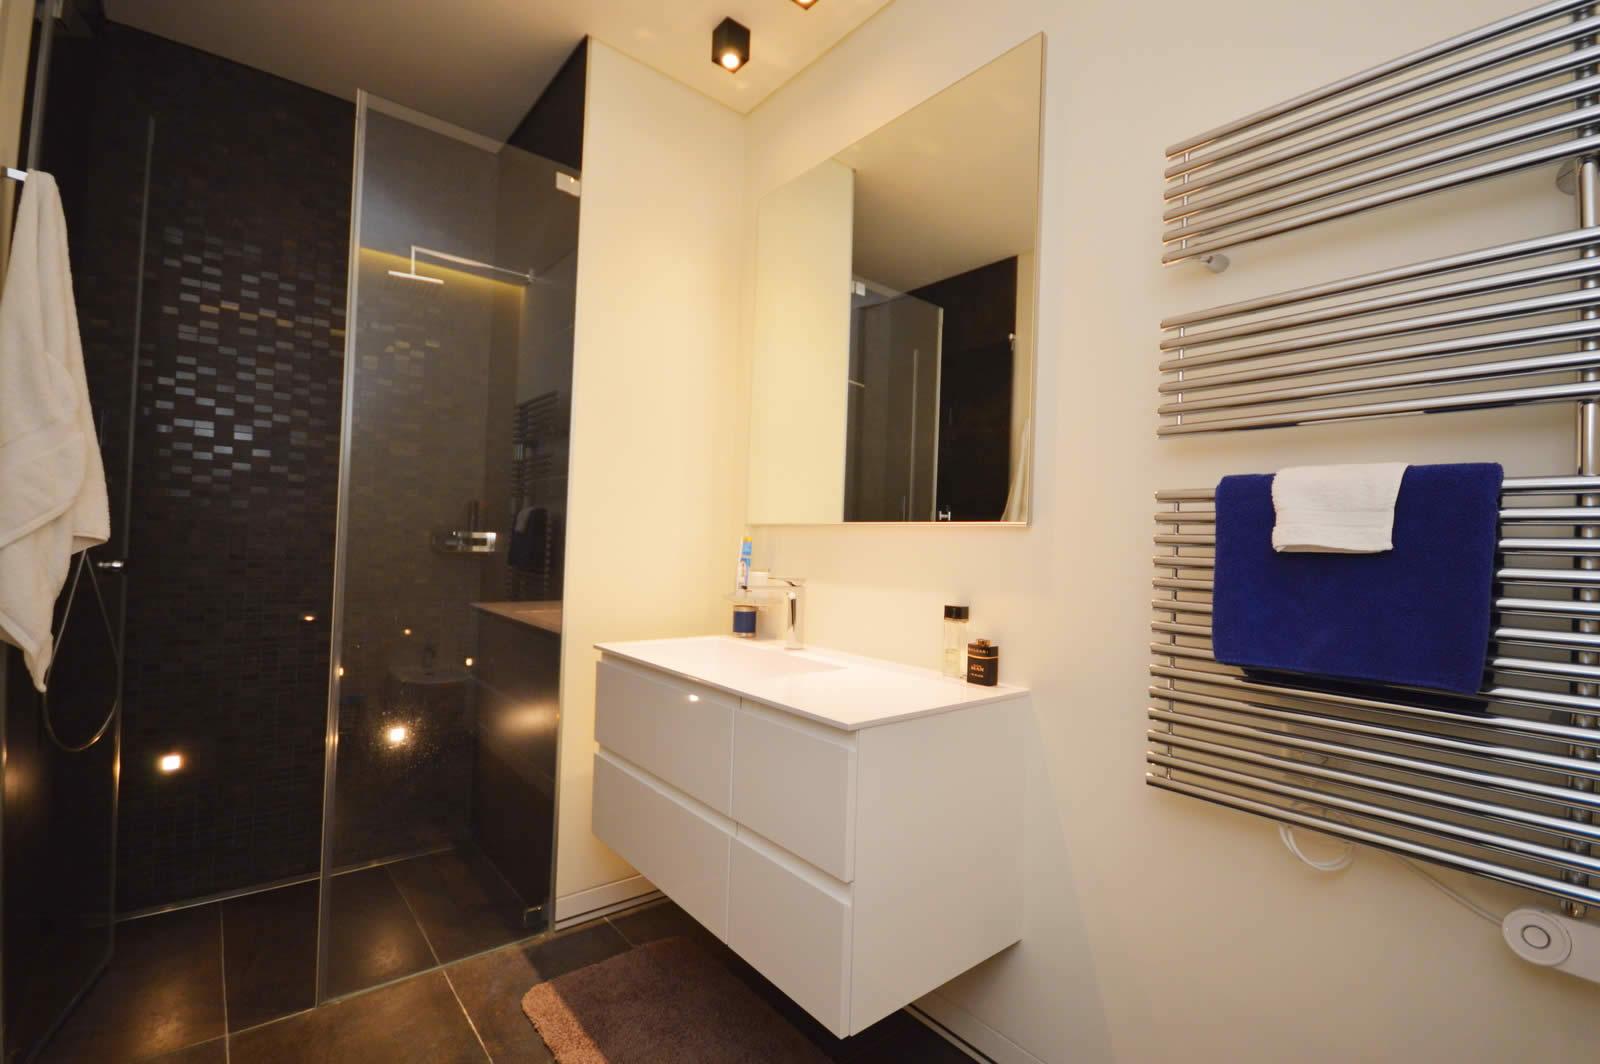 magnifique ferme r nov e moderne et luxueuse de 10 pi ces avec poutres apparentes et murs en. Black Bedroom Furniture Sets. Home Design Ideas